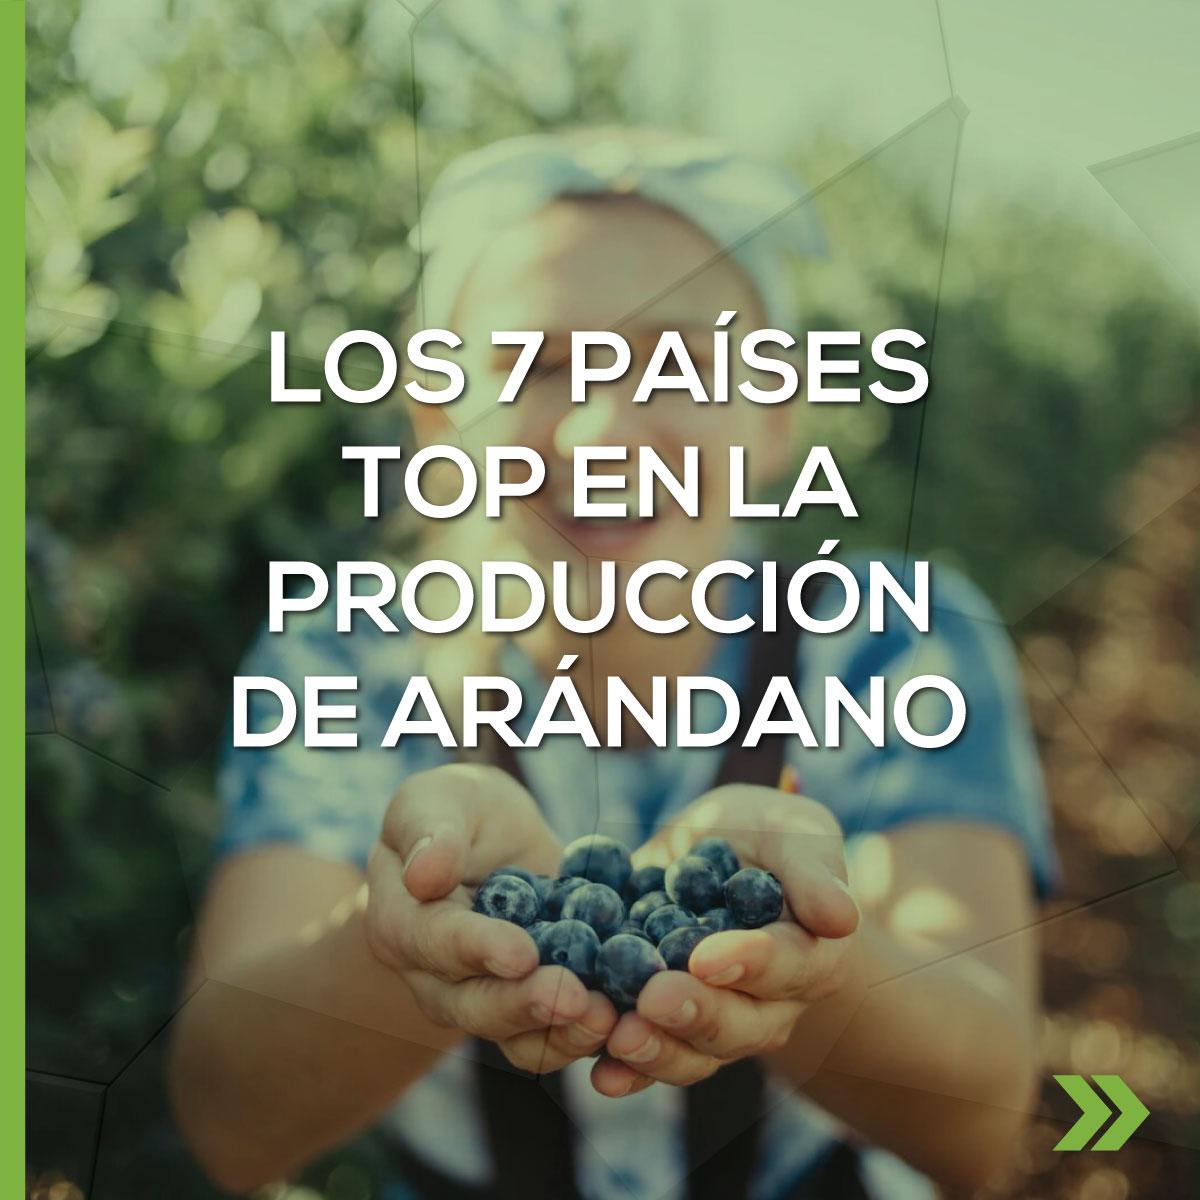 Los 7 países Top en la Producción de Arándano